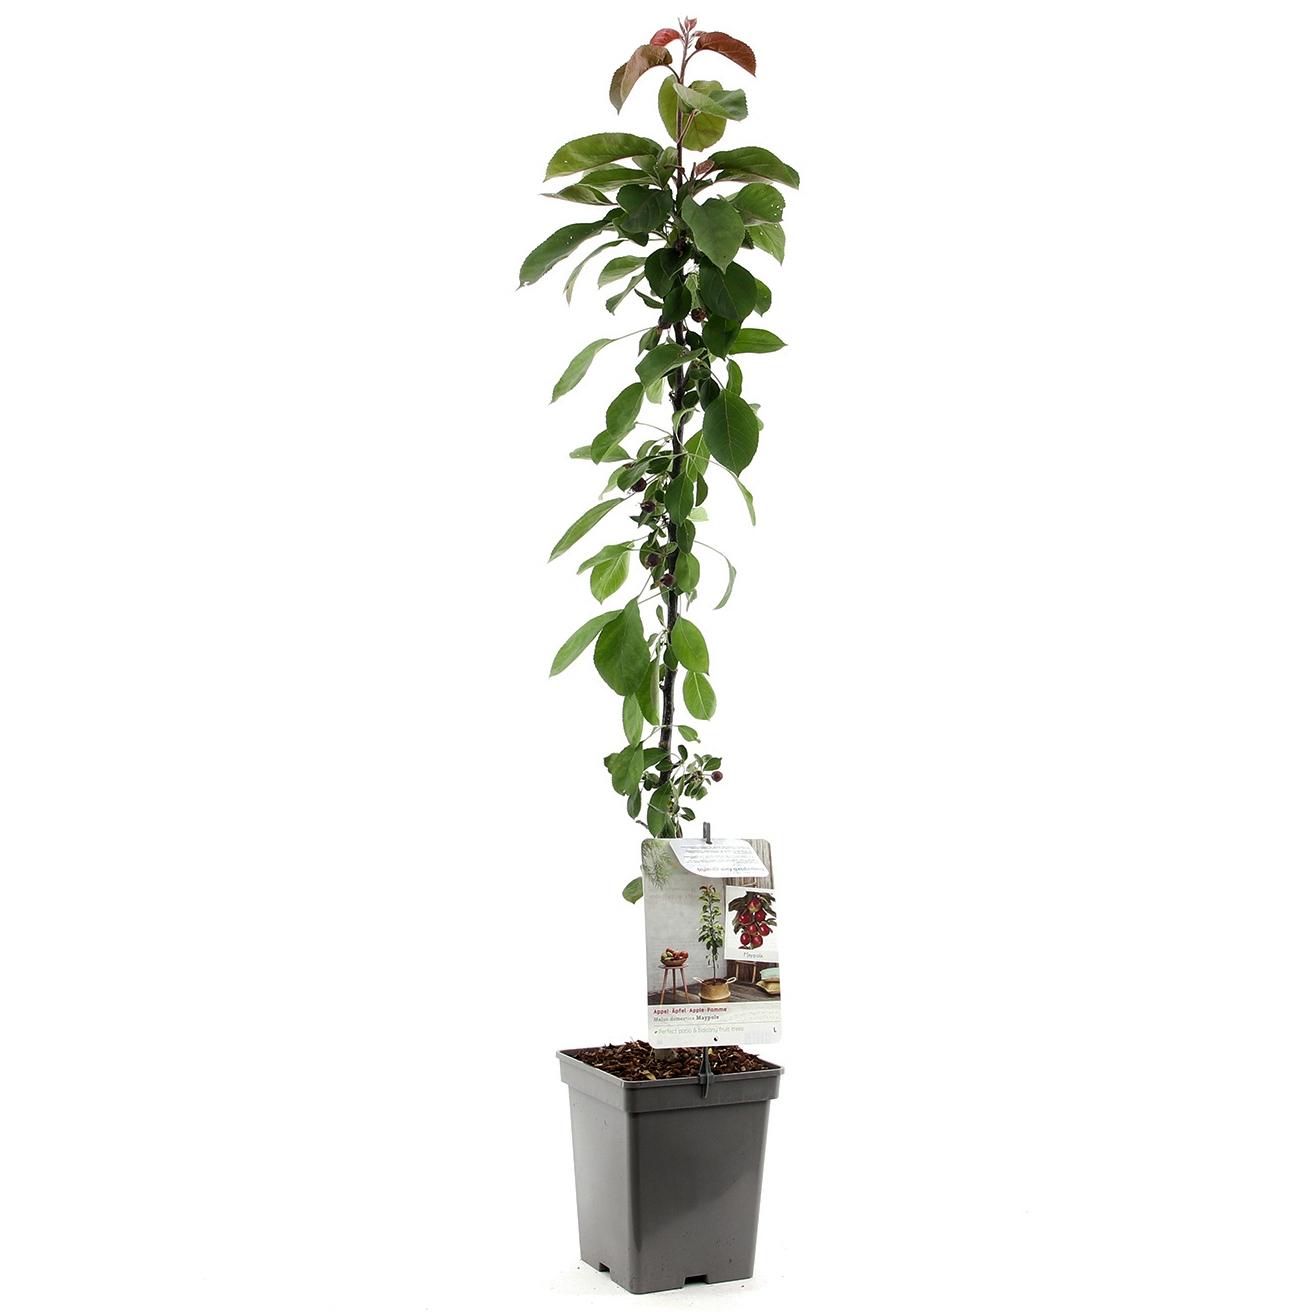 Zuil-appelboom Malus domestica 'Maypole'